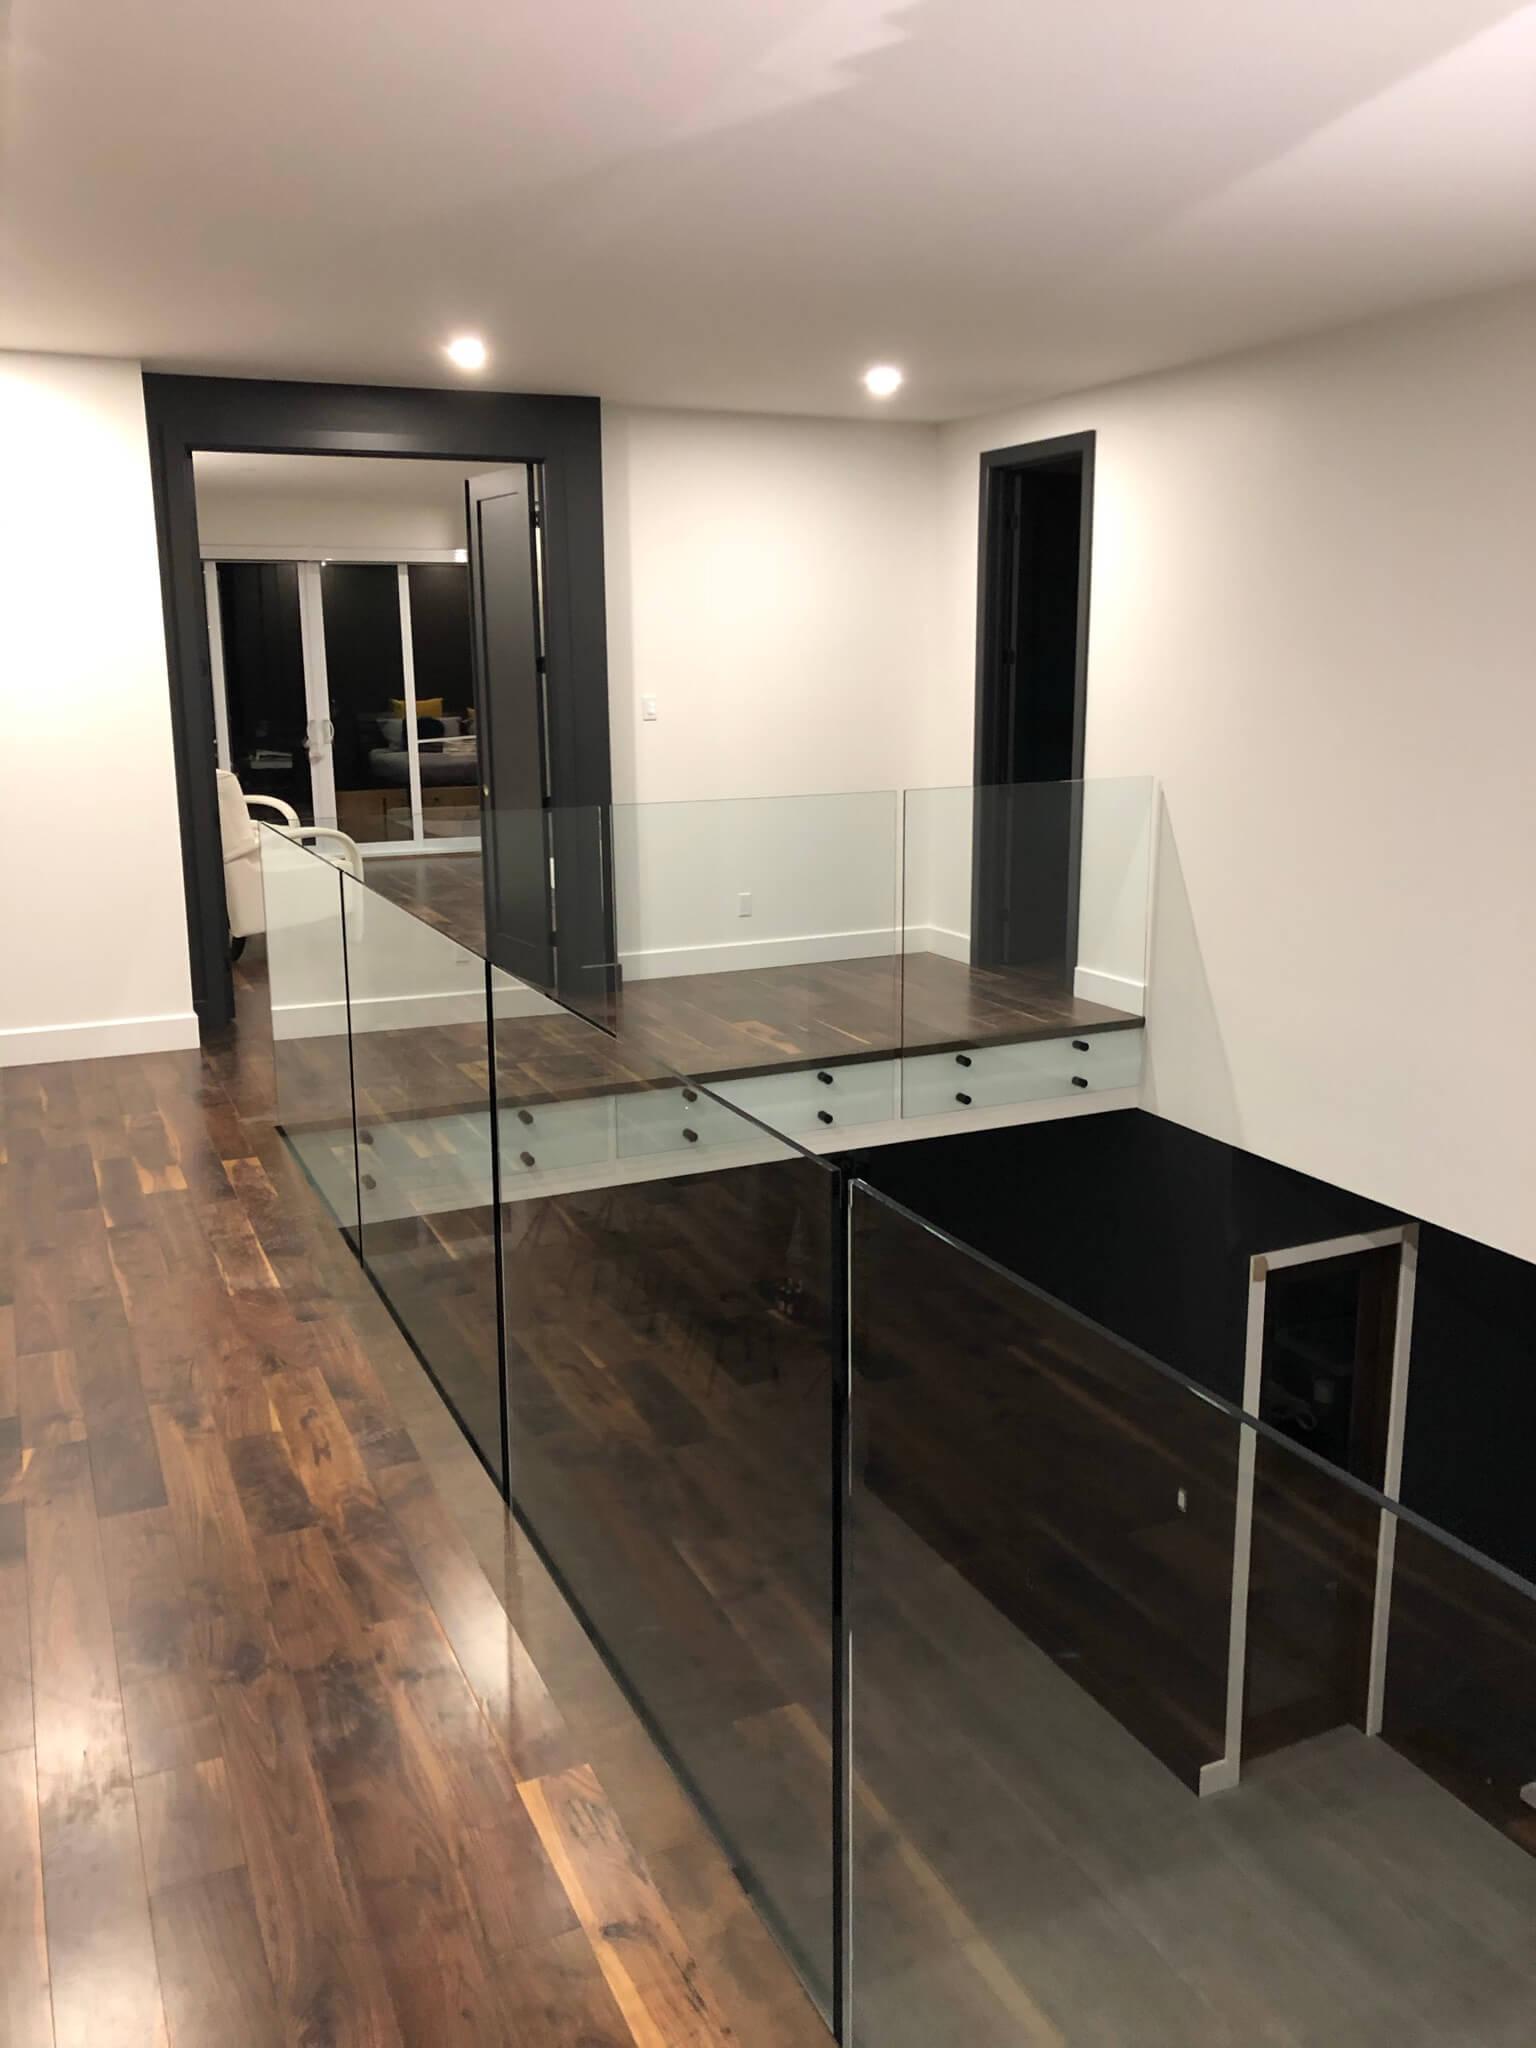 Escalier rampe en verre - Lorraine - 04